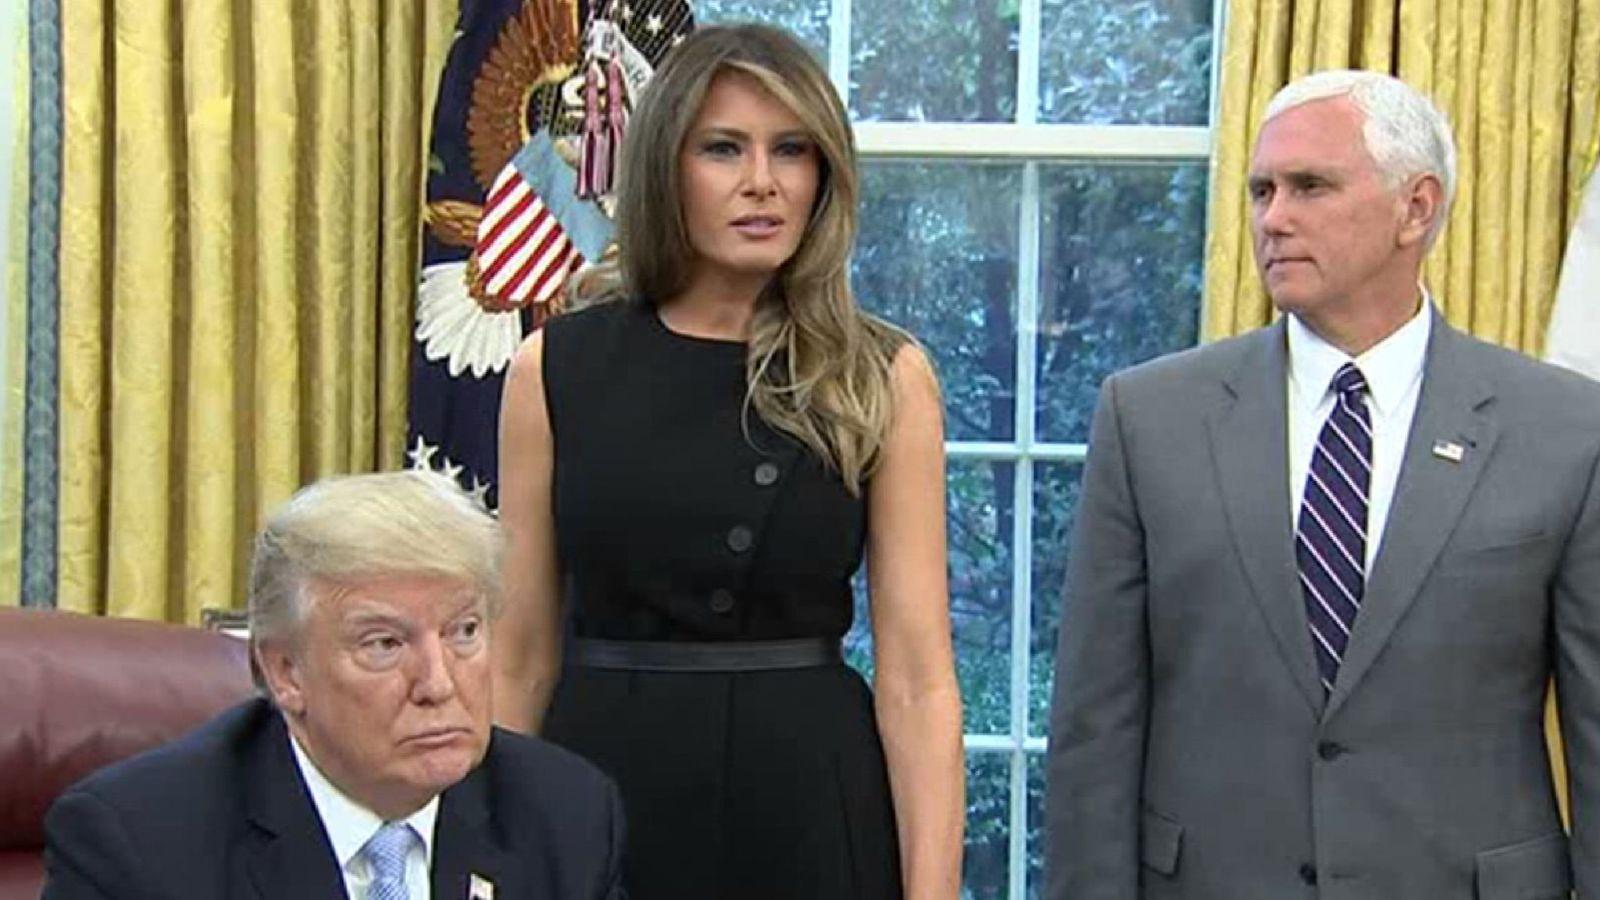 Donald Trump a déclaré à Melania qu'elle a fait un excellent travail en parlant à la nedia